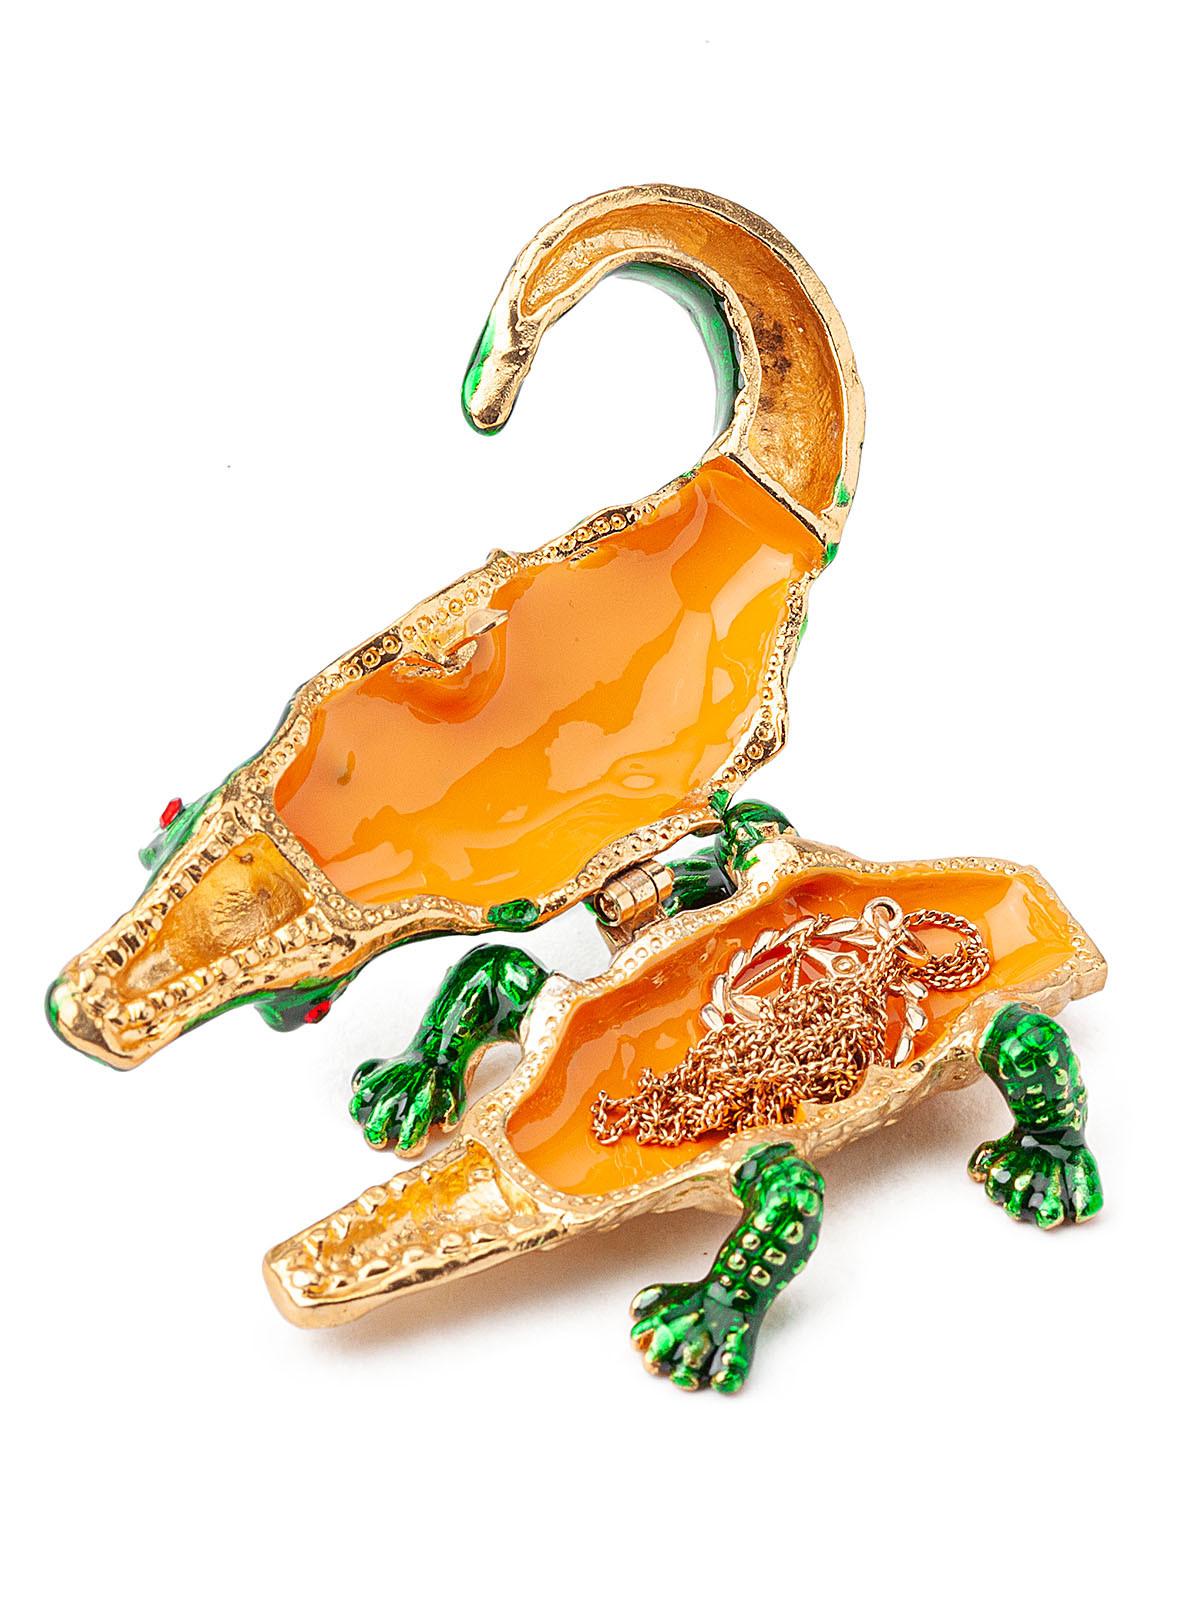 Шкатулка для украшений Крокодил S- 4711 зеленый